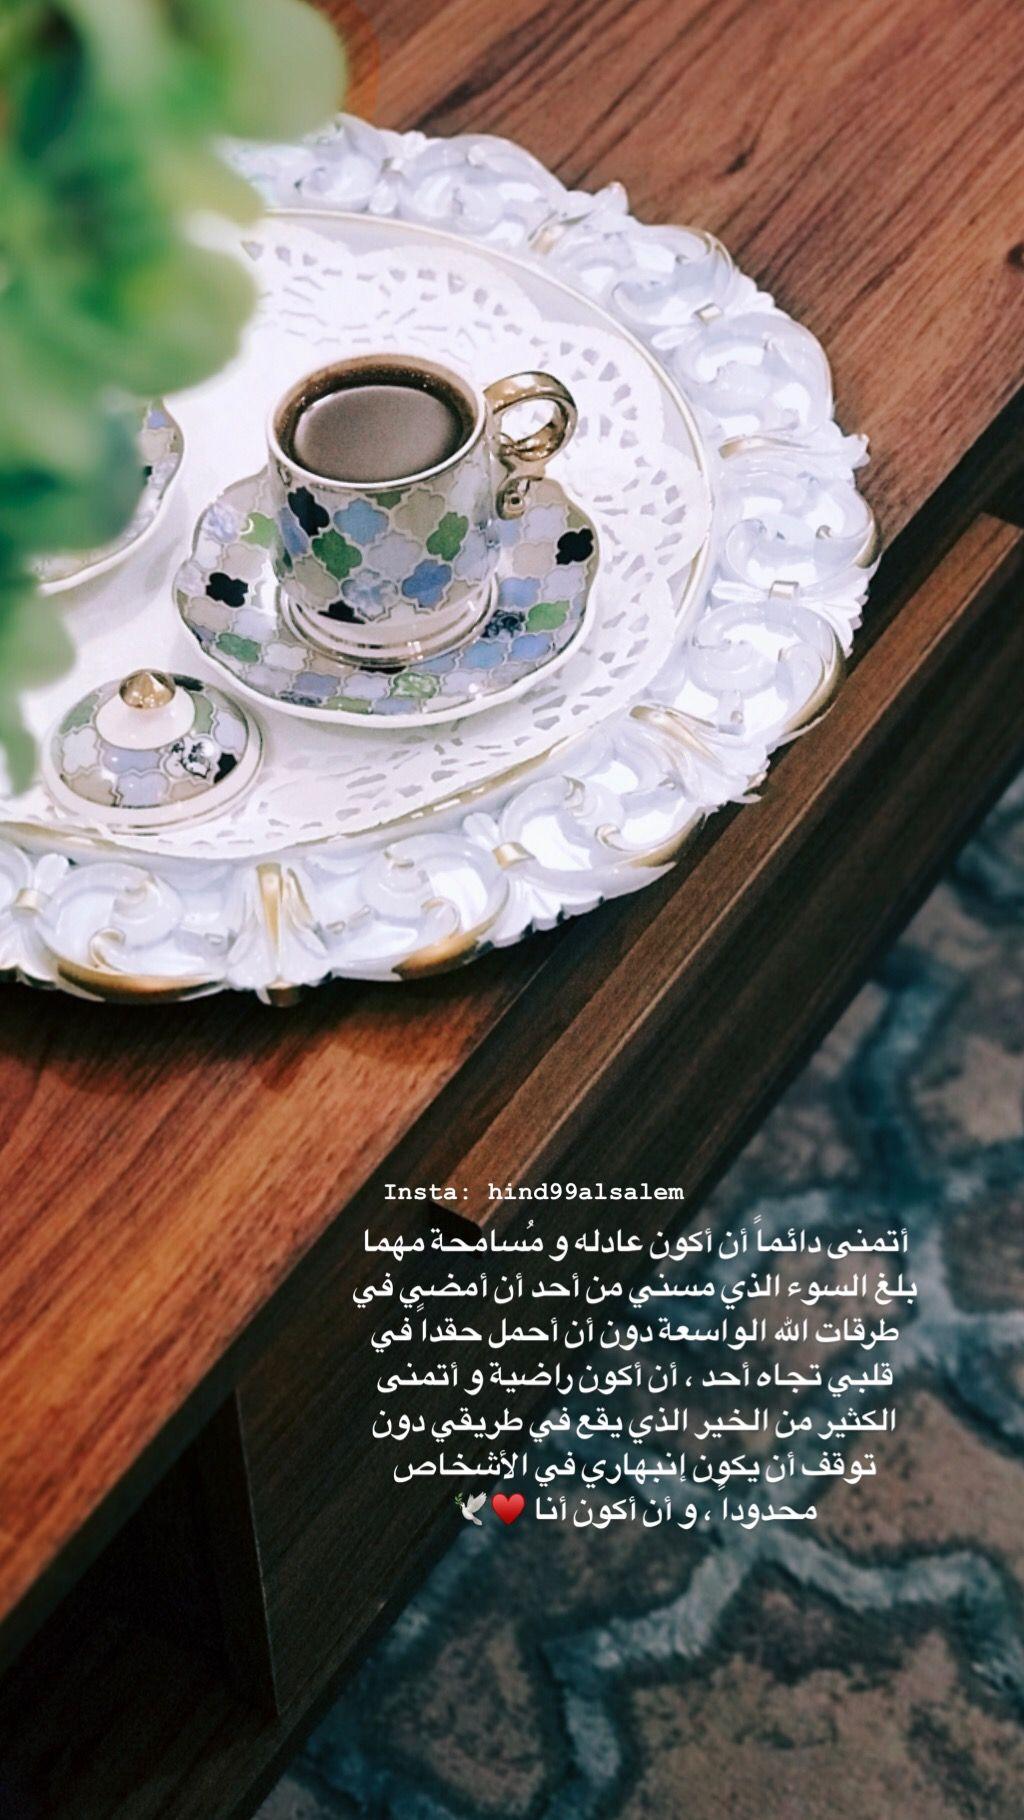 دعاء صورة افكار احترافيه Coffee Coffeetime قهوه كوفي تكوين عدسه سناب Pictures كلام كلمات حب عشق عيد Happy Eid عيد الفطر عيد مبارك عيديات